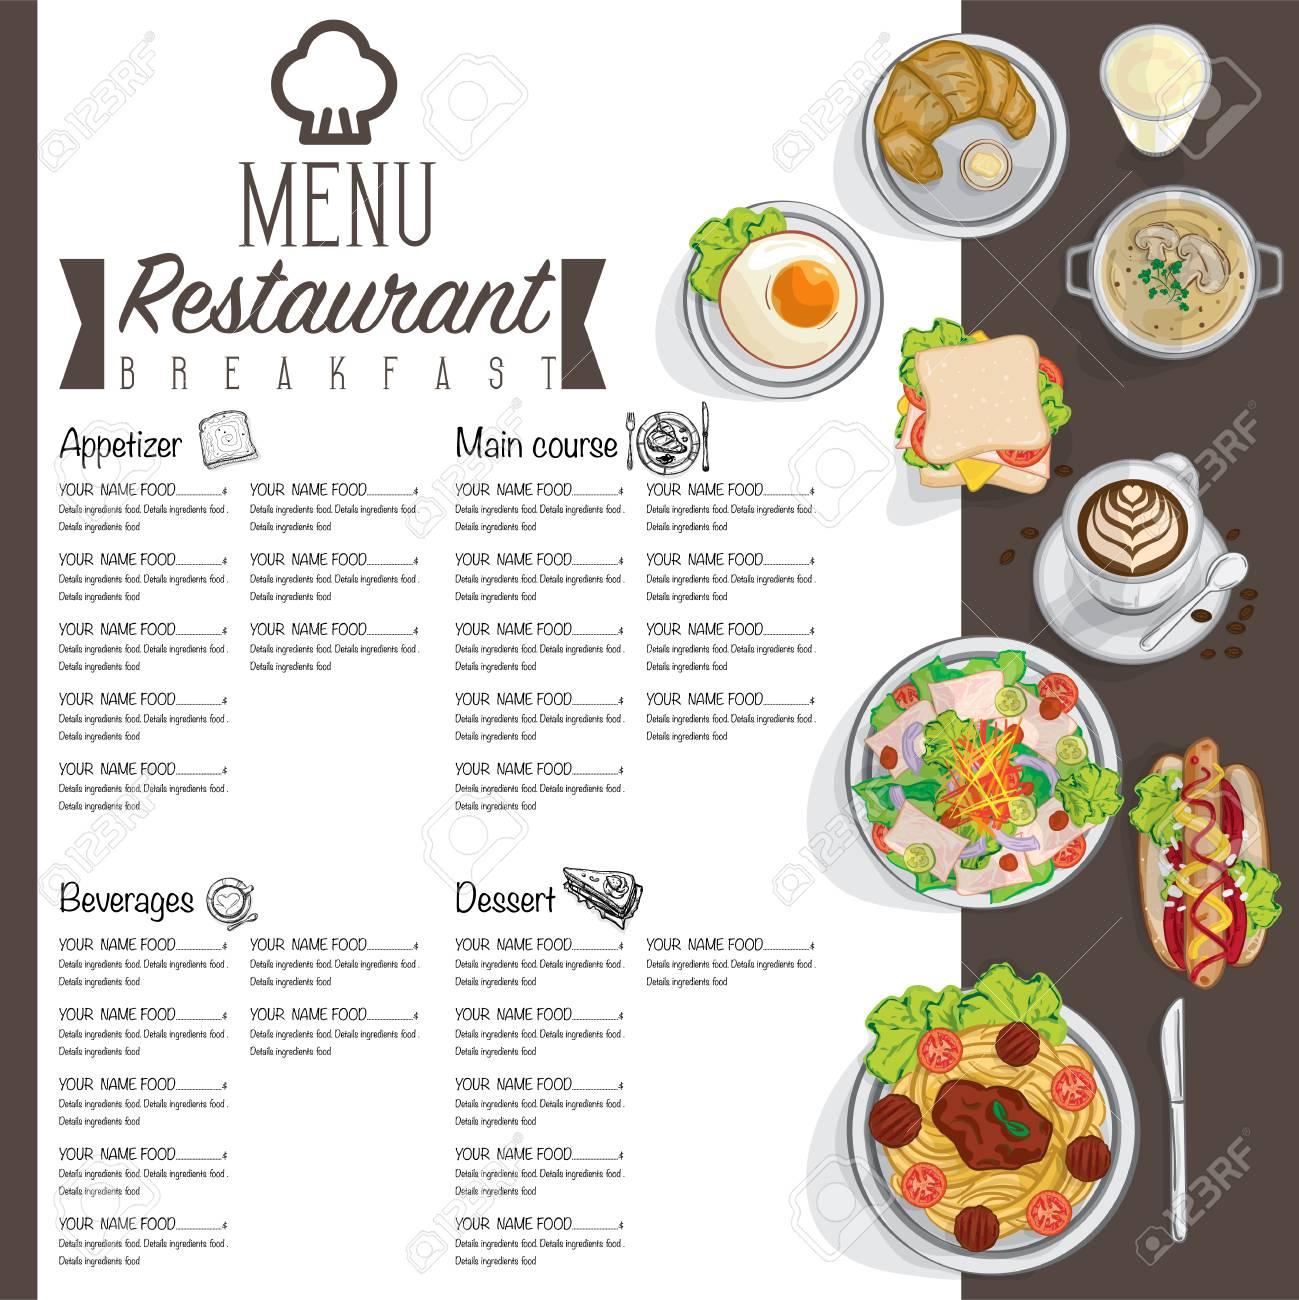 Menú Desayuno Comida Restaurante Plantilla De Diseño Gráfico De ...